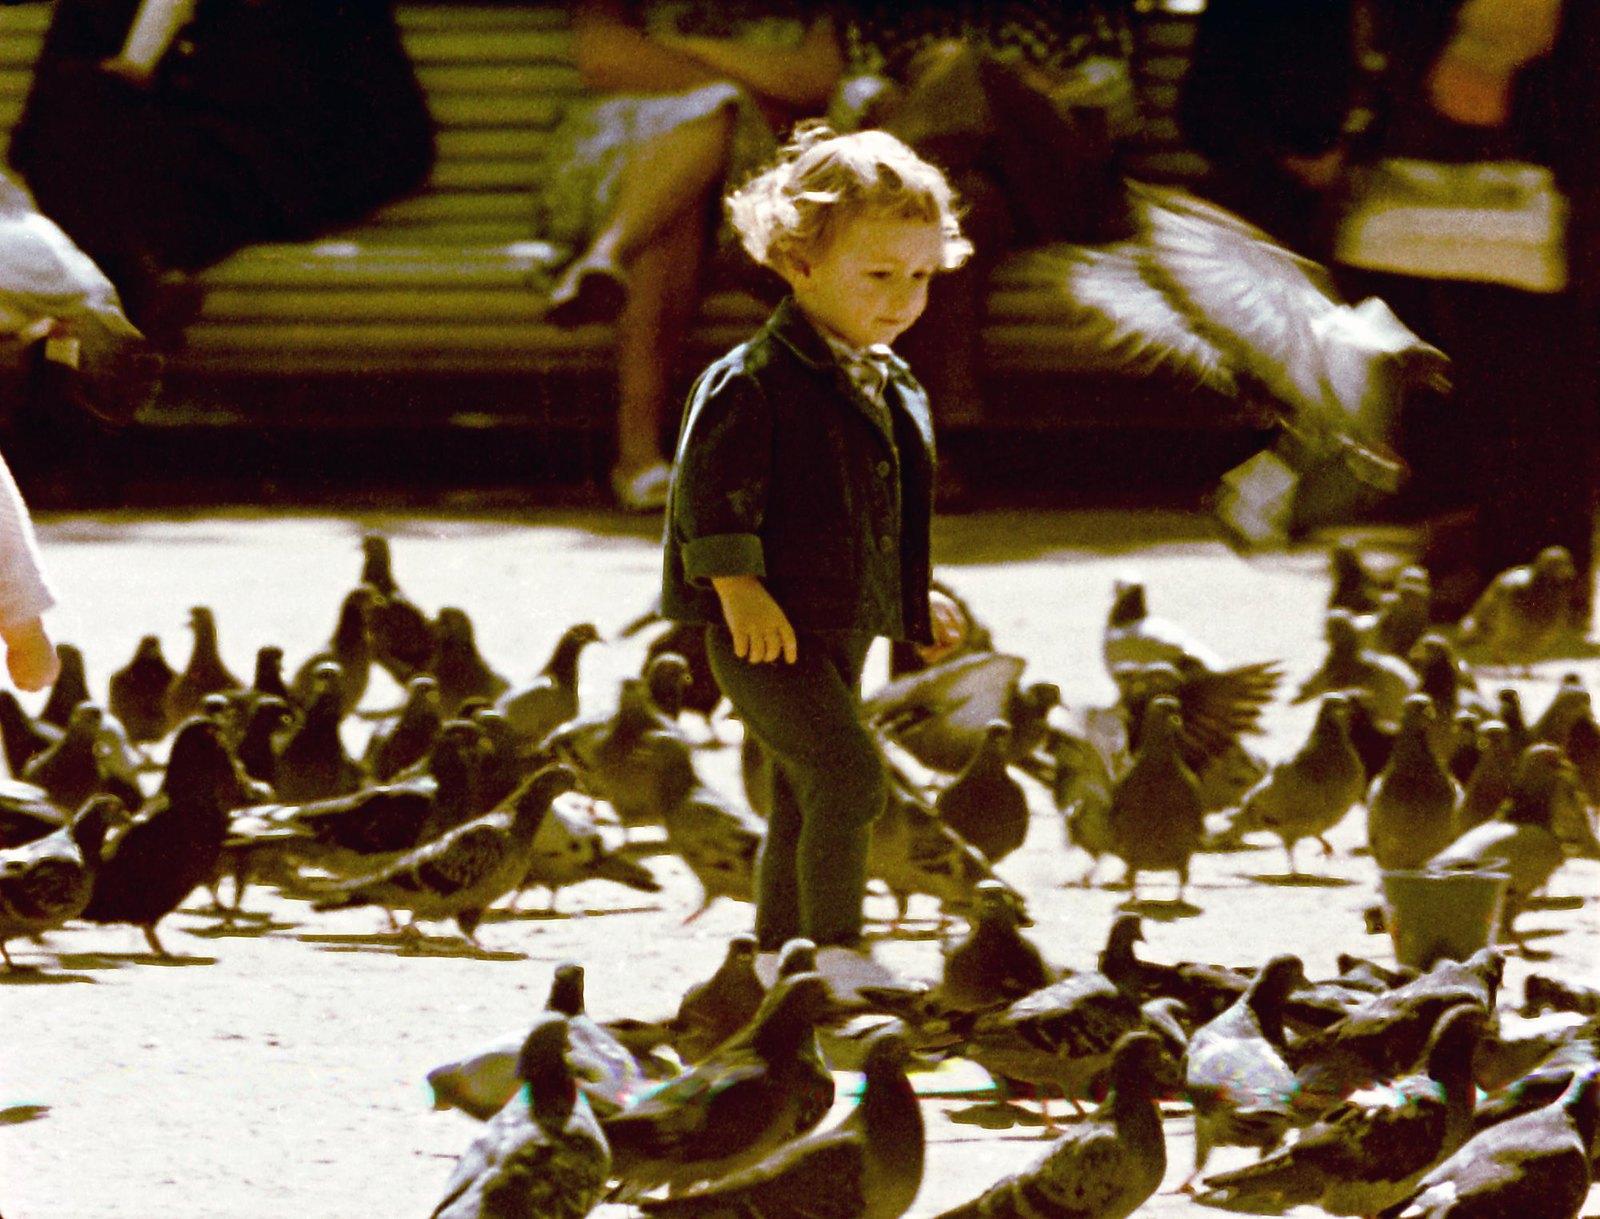 1961. Мальчик и голуби. Кадр из документального фильма «Город большой судьбы» (реж. И.П. Копалин, ЦСДФ, 1961)